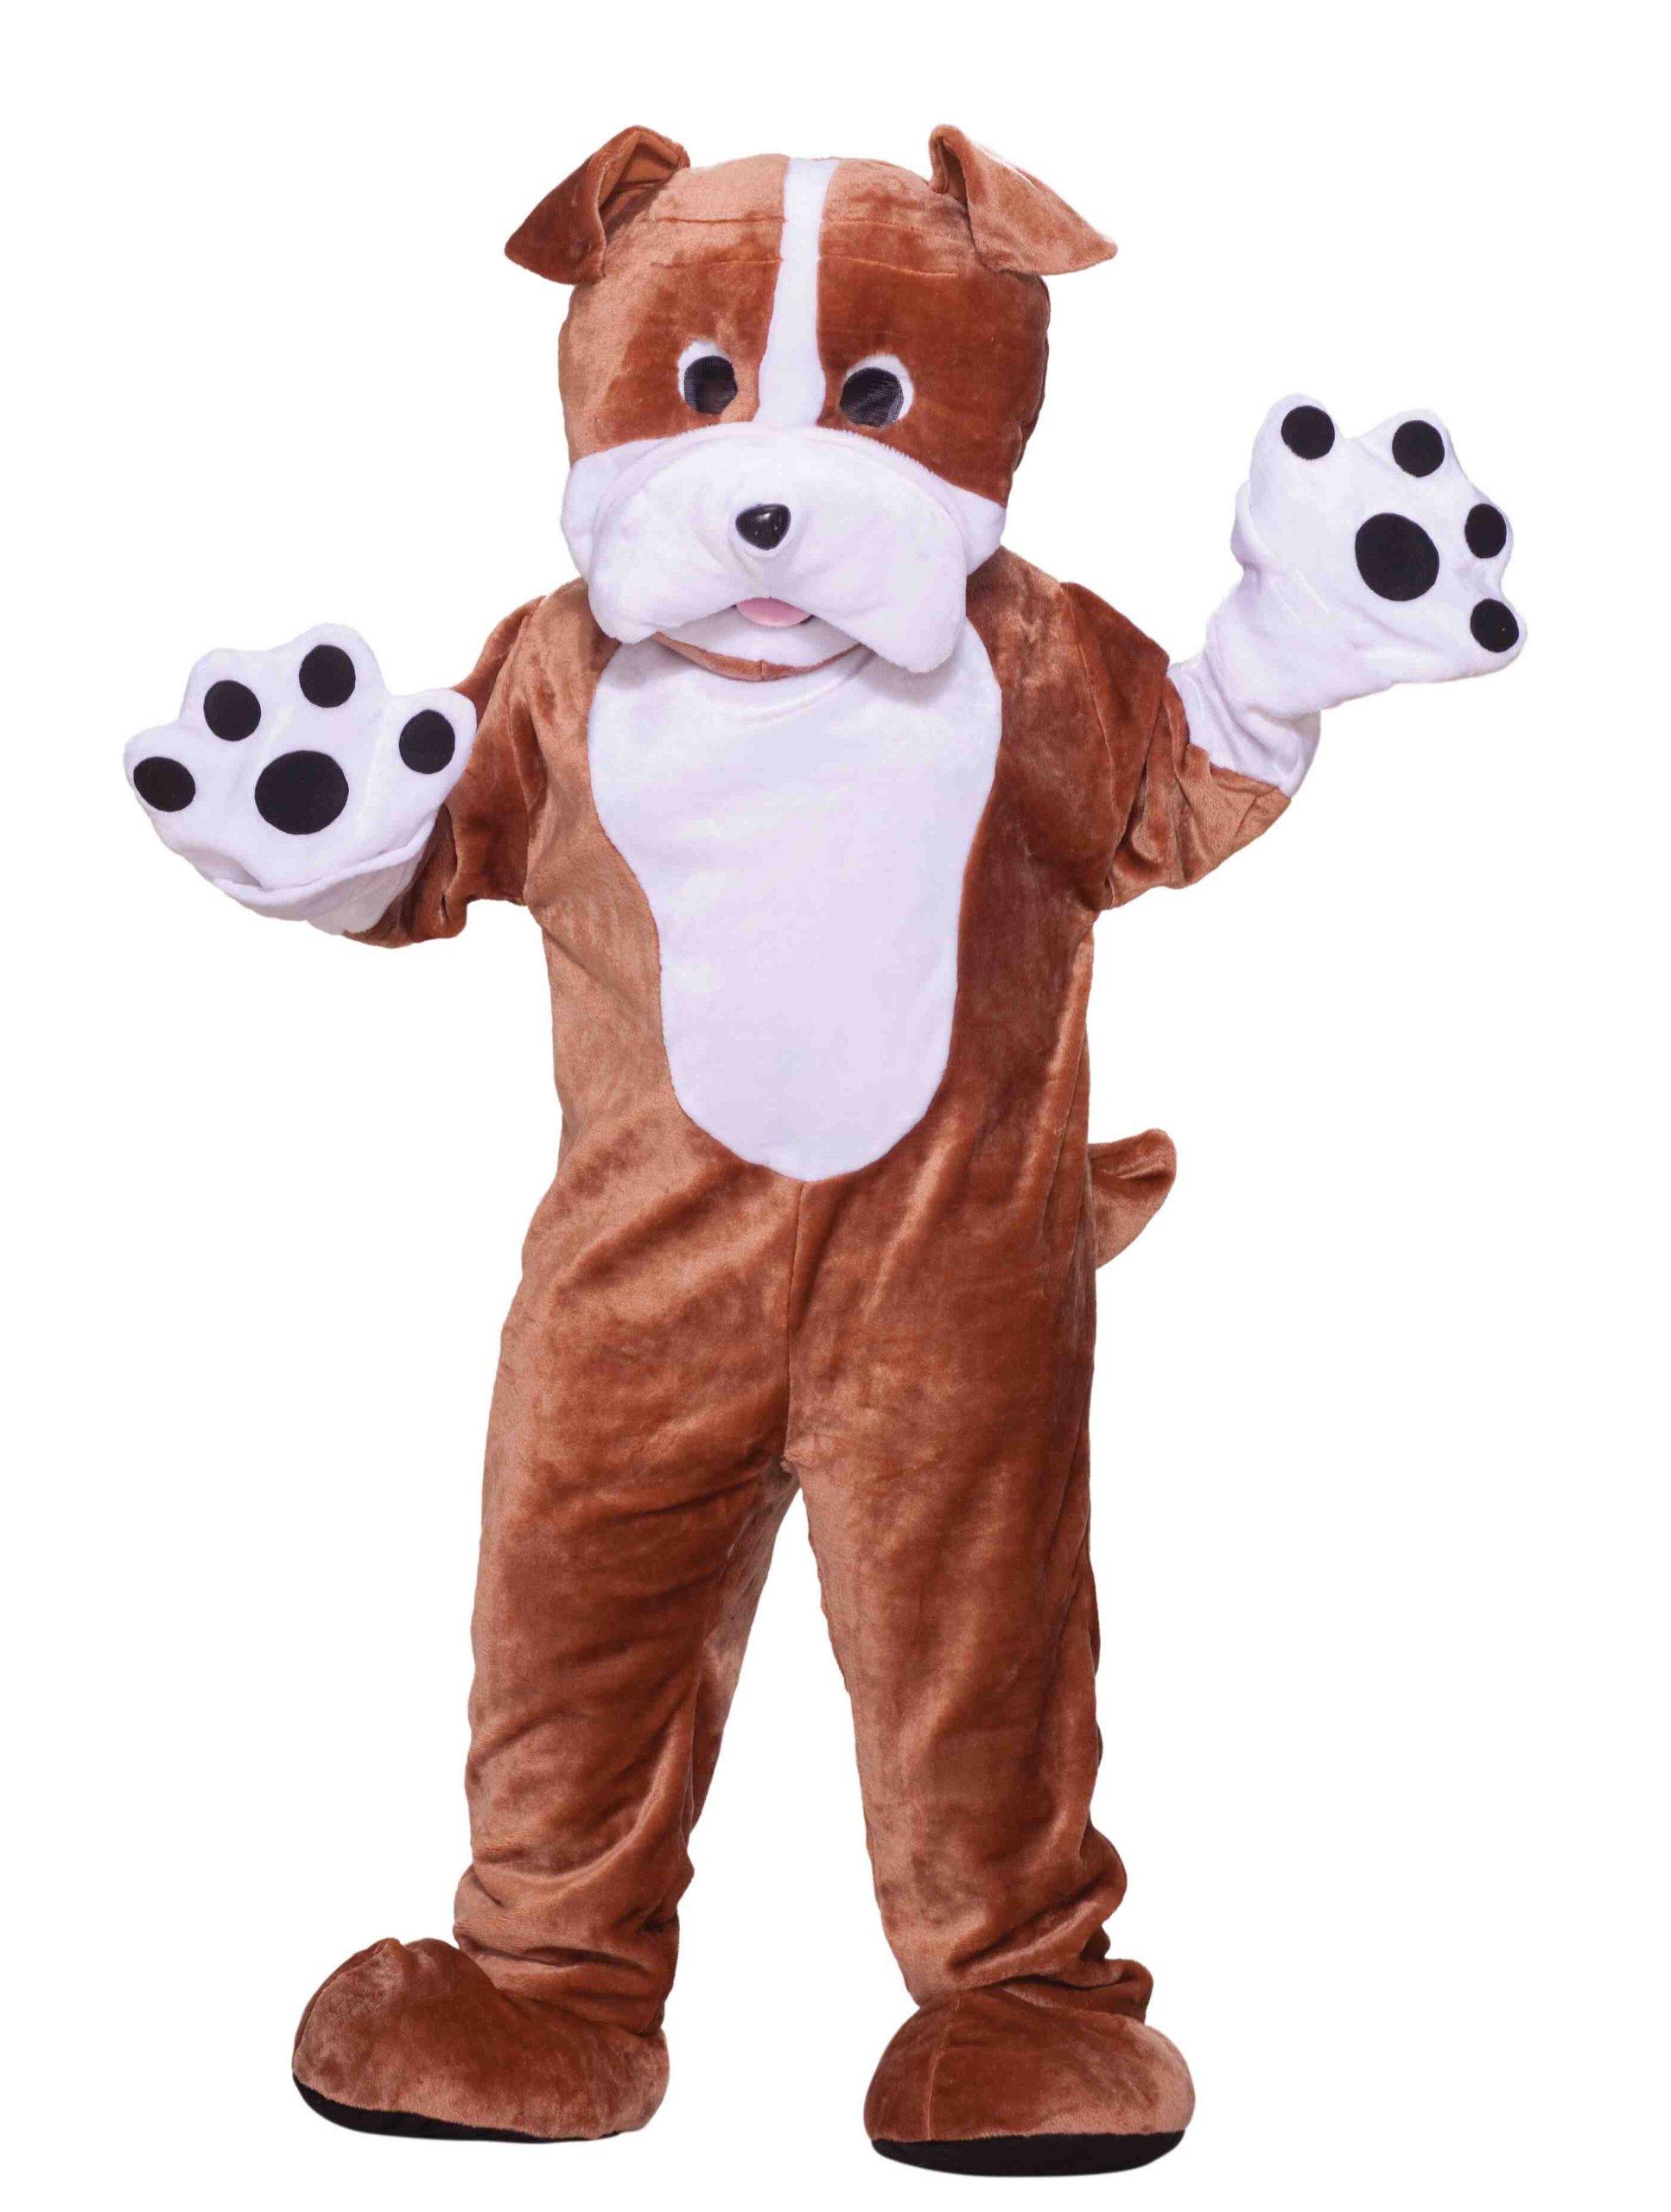 Forum Deluxe Plush Bulldog Mascot Costume, Brown, One Size